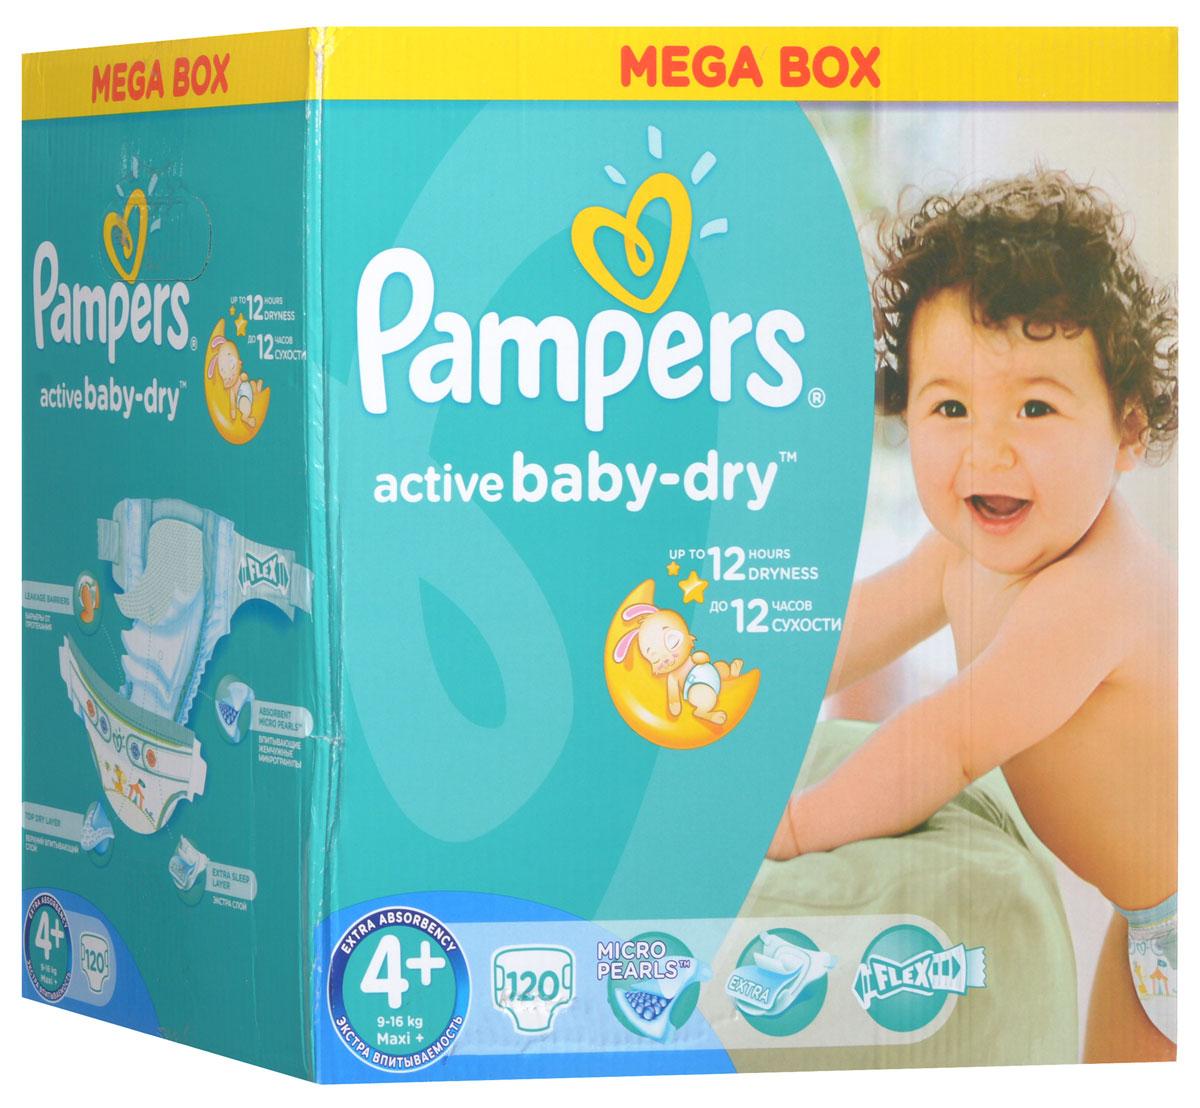 Pampers Подгузники Active Baby-dry 9-16 кг (размер 4+) 120 штPA-81446248До 12 часов сухости, чтобы каждое утро было добрым! Для каждого доброго утра нужно до 12 часов сухости ночью. Поэтому для вас и вашего малыша каждое утро будет добрым, ведь у подгузников Pampers Active Baby-Dry есть обновленный рельефный впитывающий слой и основа, которая надежно запирает влагу внутри. А также мягкие тянущиеся боковинки, чтобы подгузник сидел плотно и при этом не доставлял дискомфорт малышу. Просыпайтесь с радостью каждое утро с подгузниками Pampers Active Baby-Dry . - Каждое утро будет добрым после ночи спокойного сна! - Рельефный впитывающий слой, который впитывает влагу и запирает ее внутри. - У подгузников Pampers Active Baby-Dry новый веселый дизайн! - Мягкие тянущиеся боковинки, чтобы малышу было комфортно, а подгузник сидел плотно. - Доступны в размерах 2, 3, 3+, 4, 4+, 5, 5+, и 6